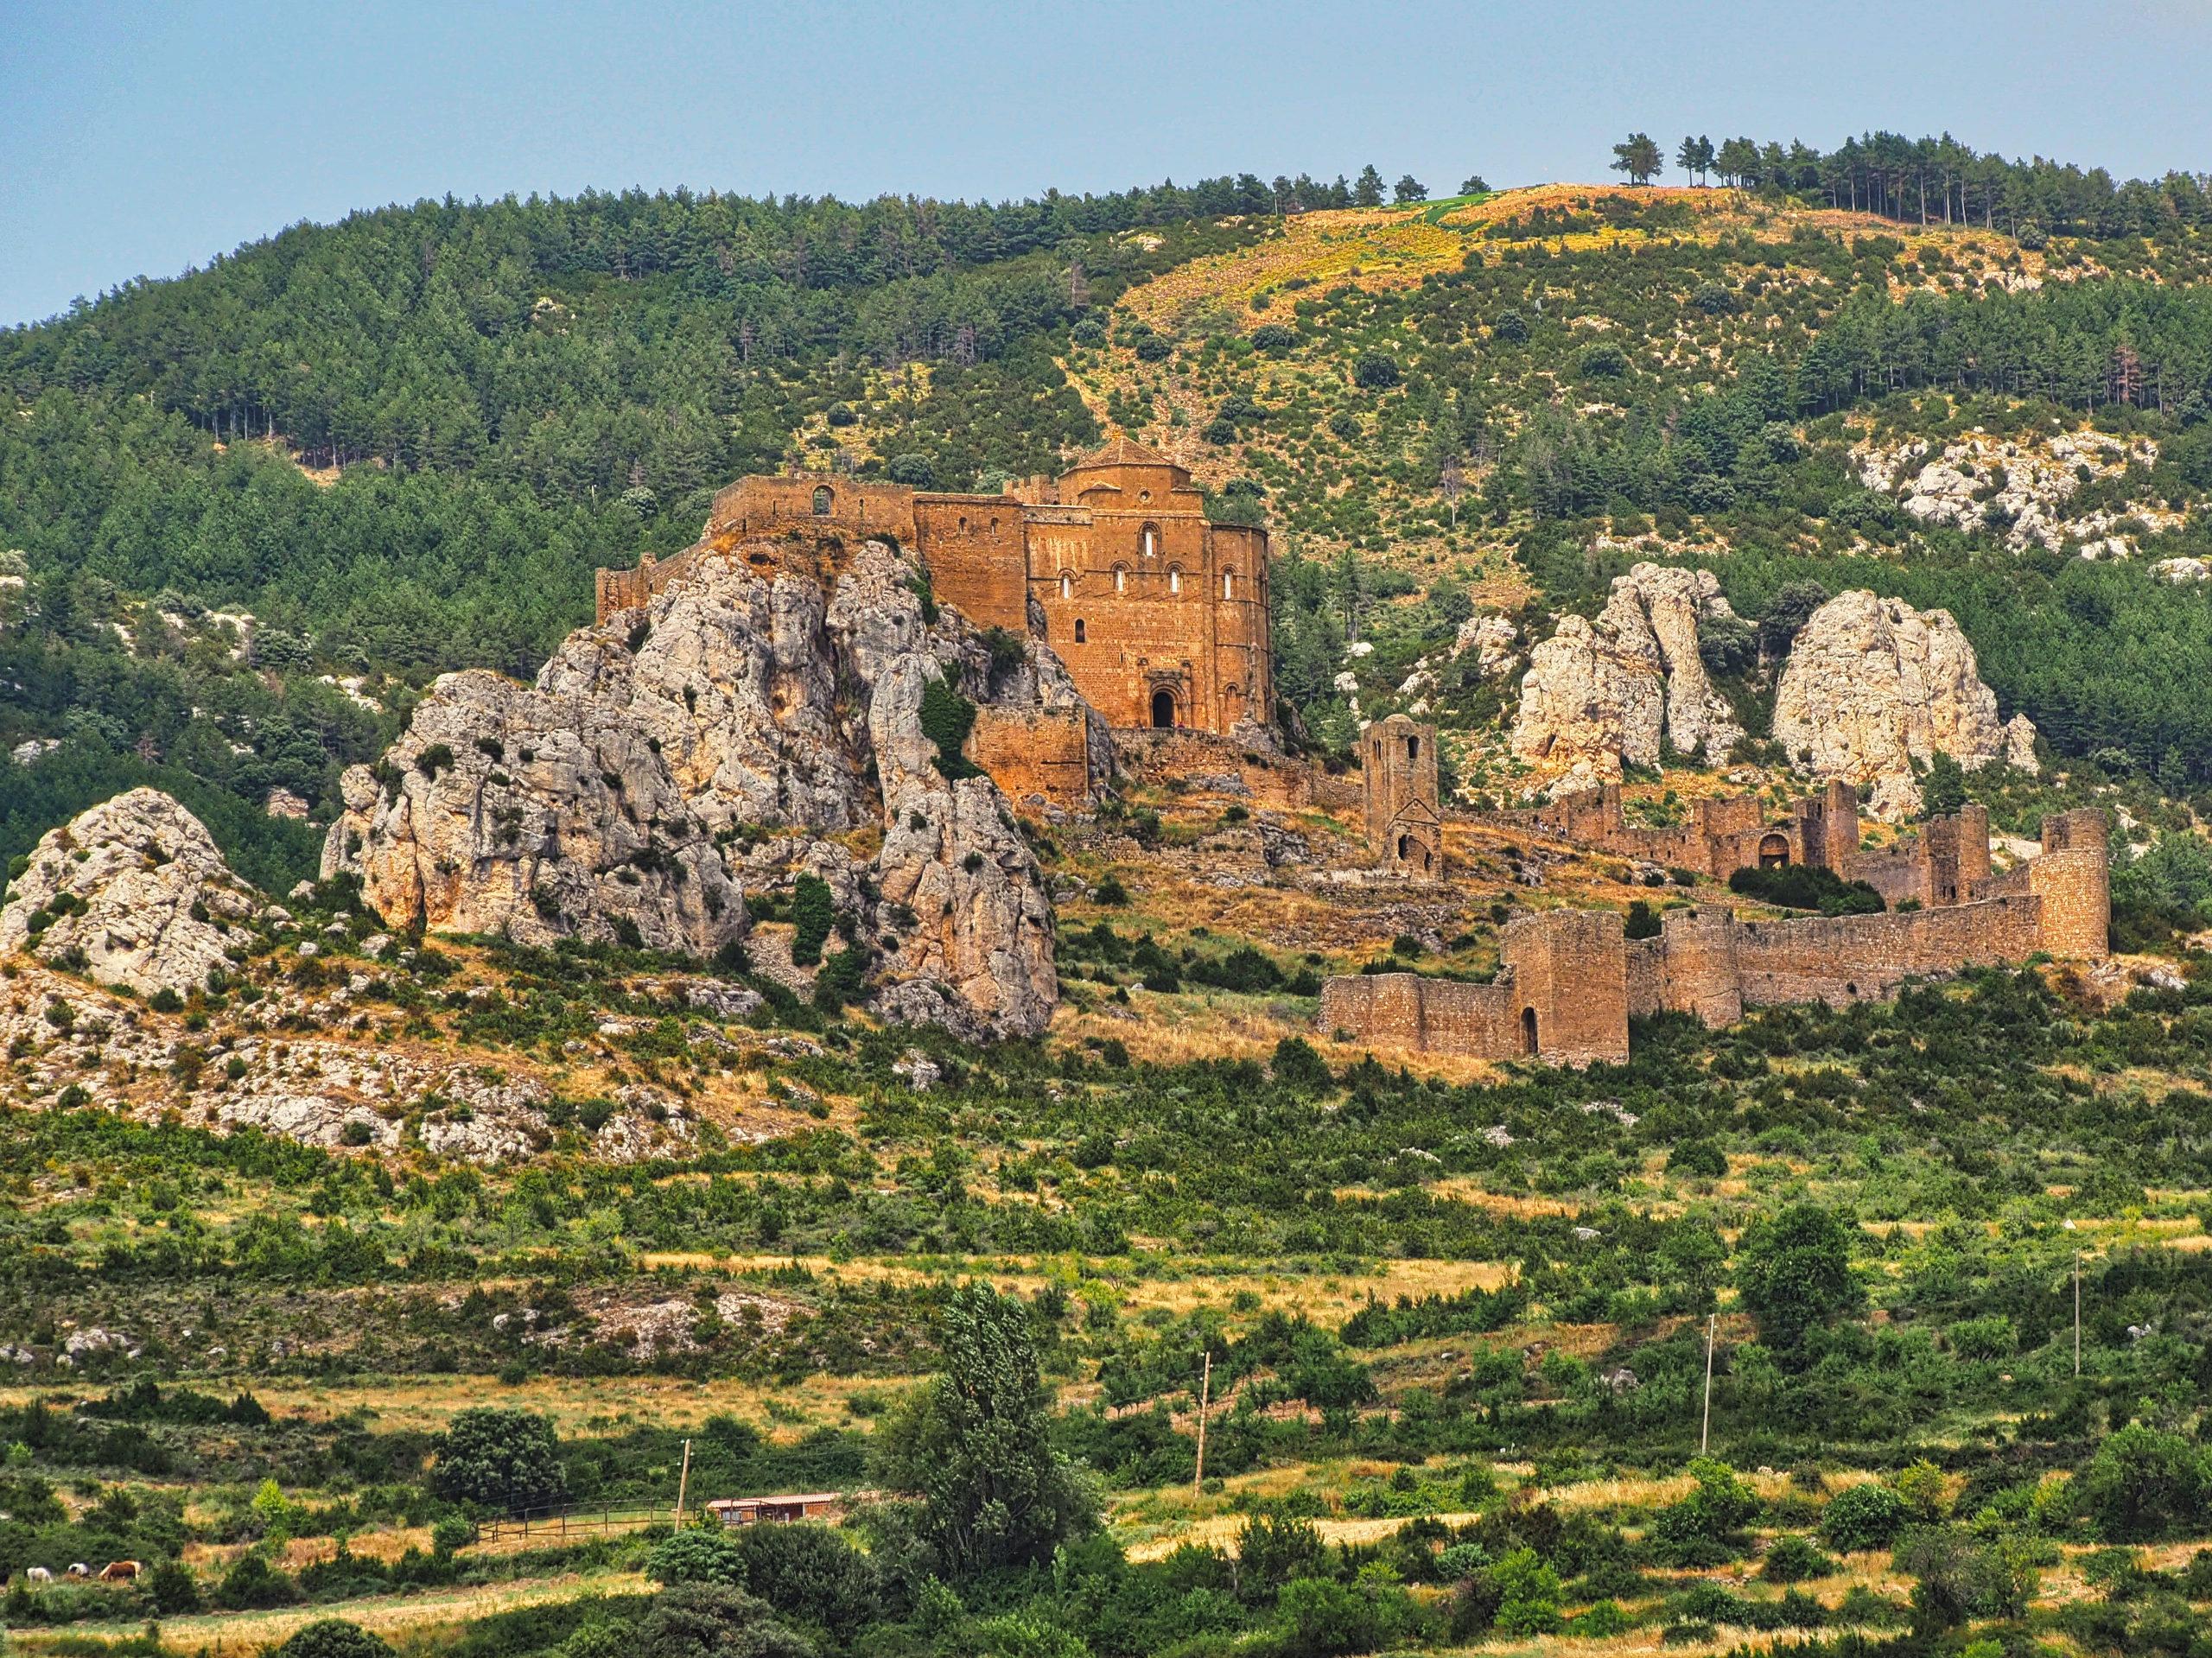 Castillo de Loarre, gilt als eine der schönsten Burgen ganz Spaniens